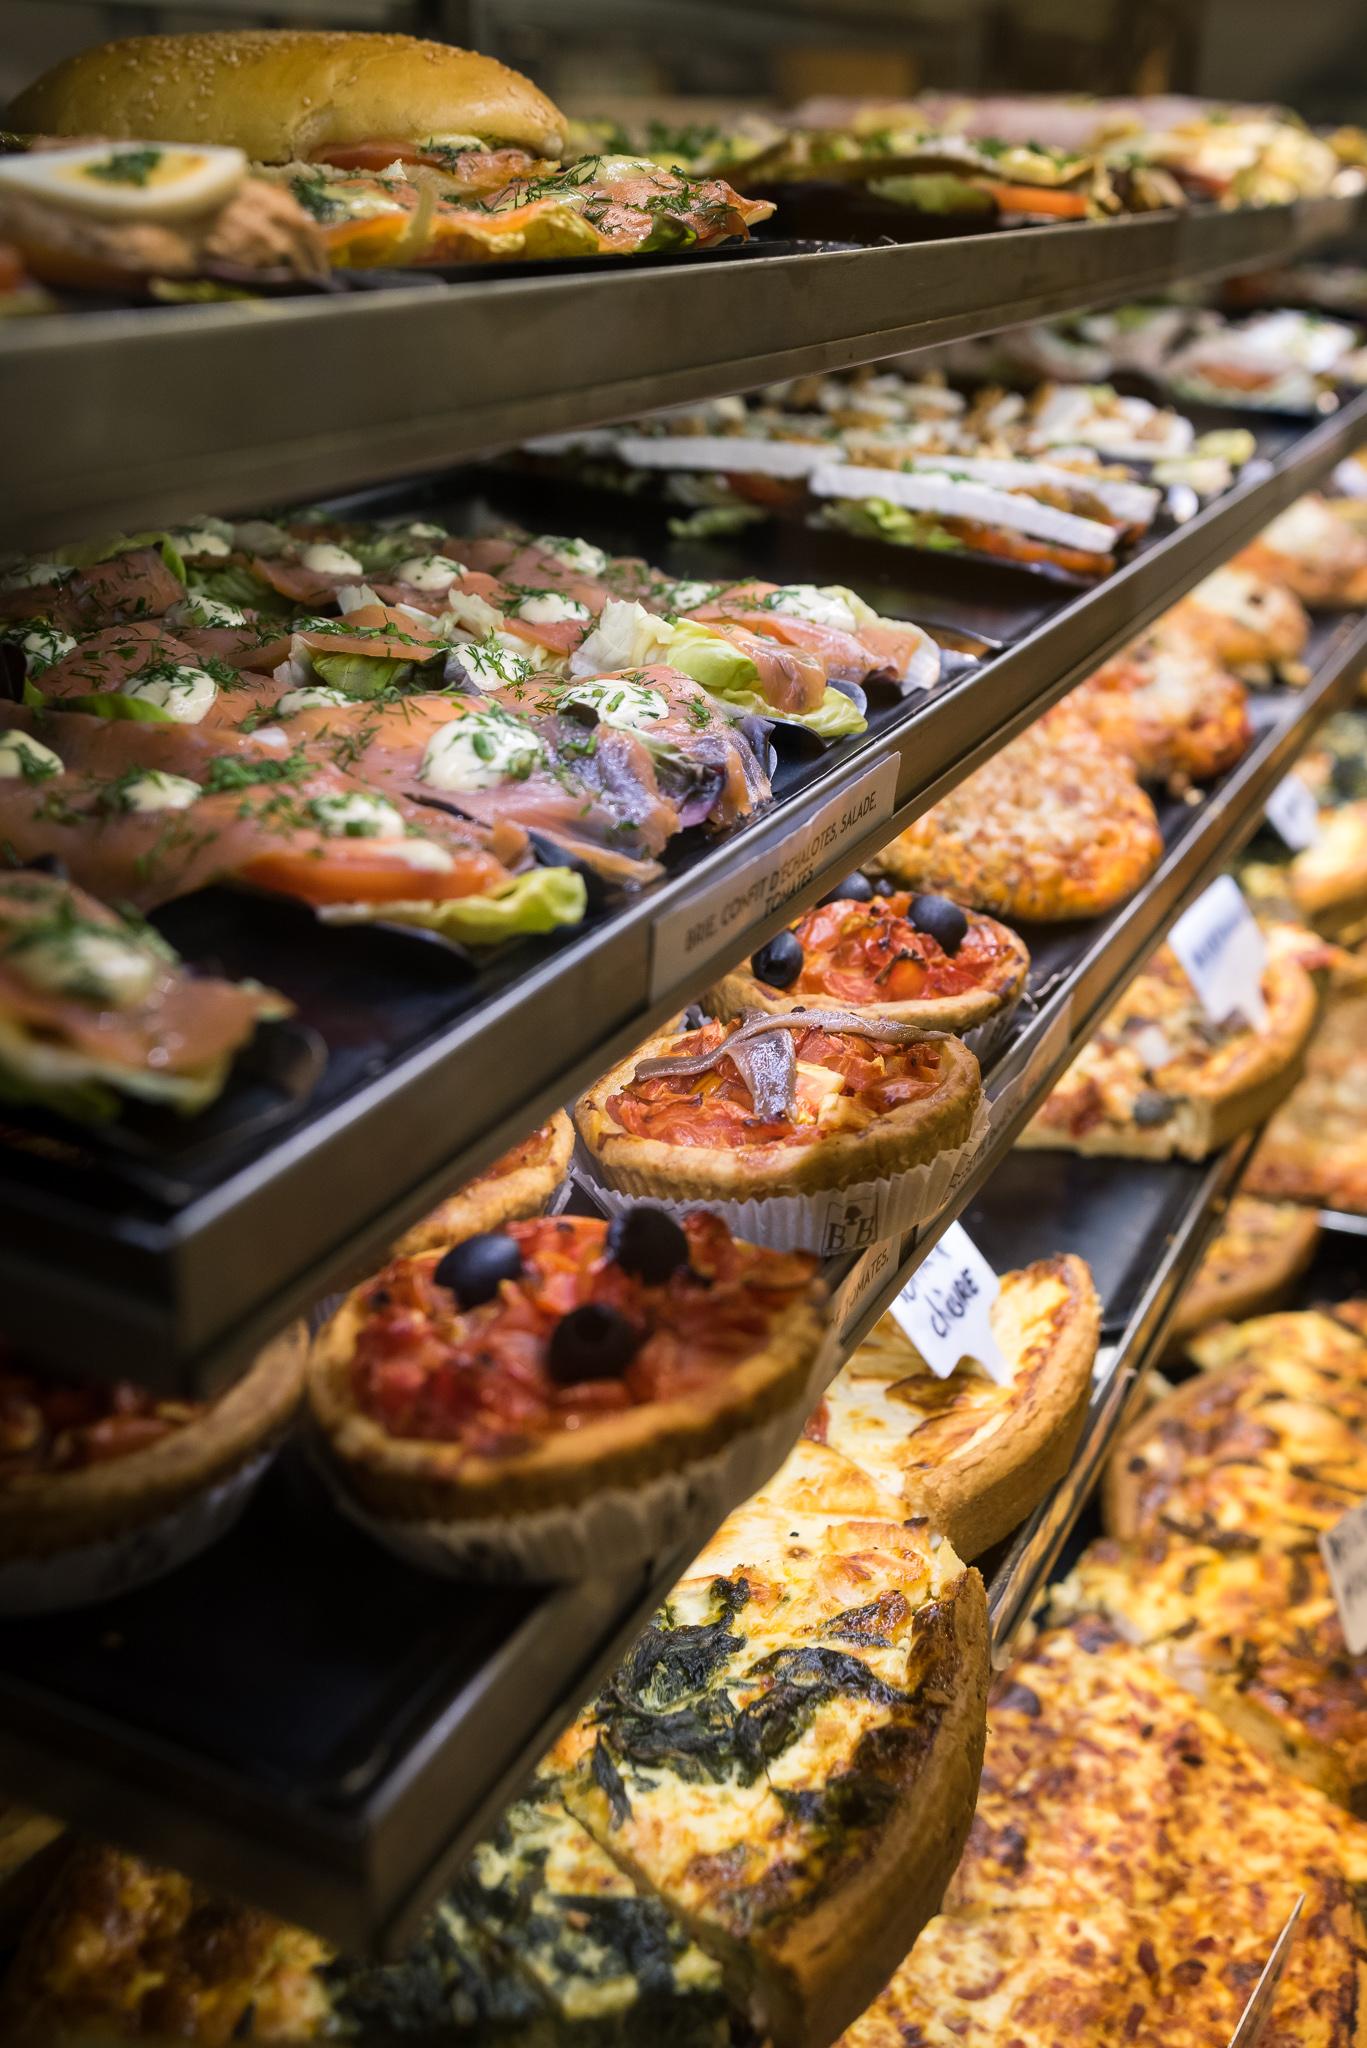 Garnitures de sandwichs, tartes tomates, tartes salées - snacking Maison Bettant à Villeurbanne